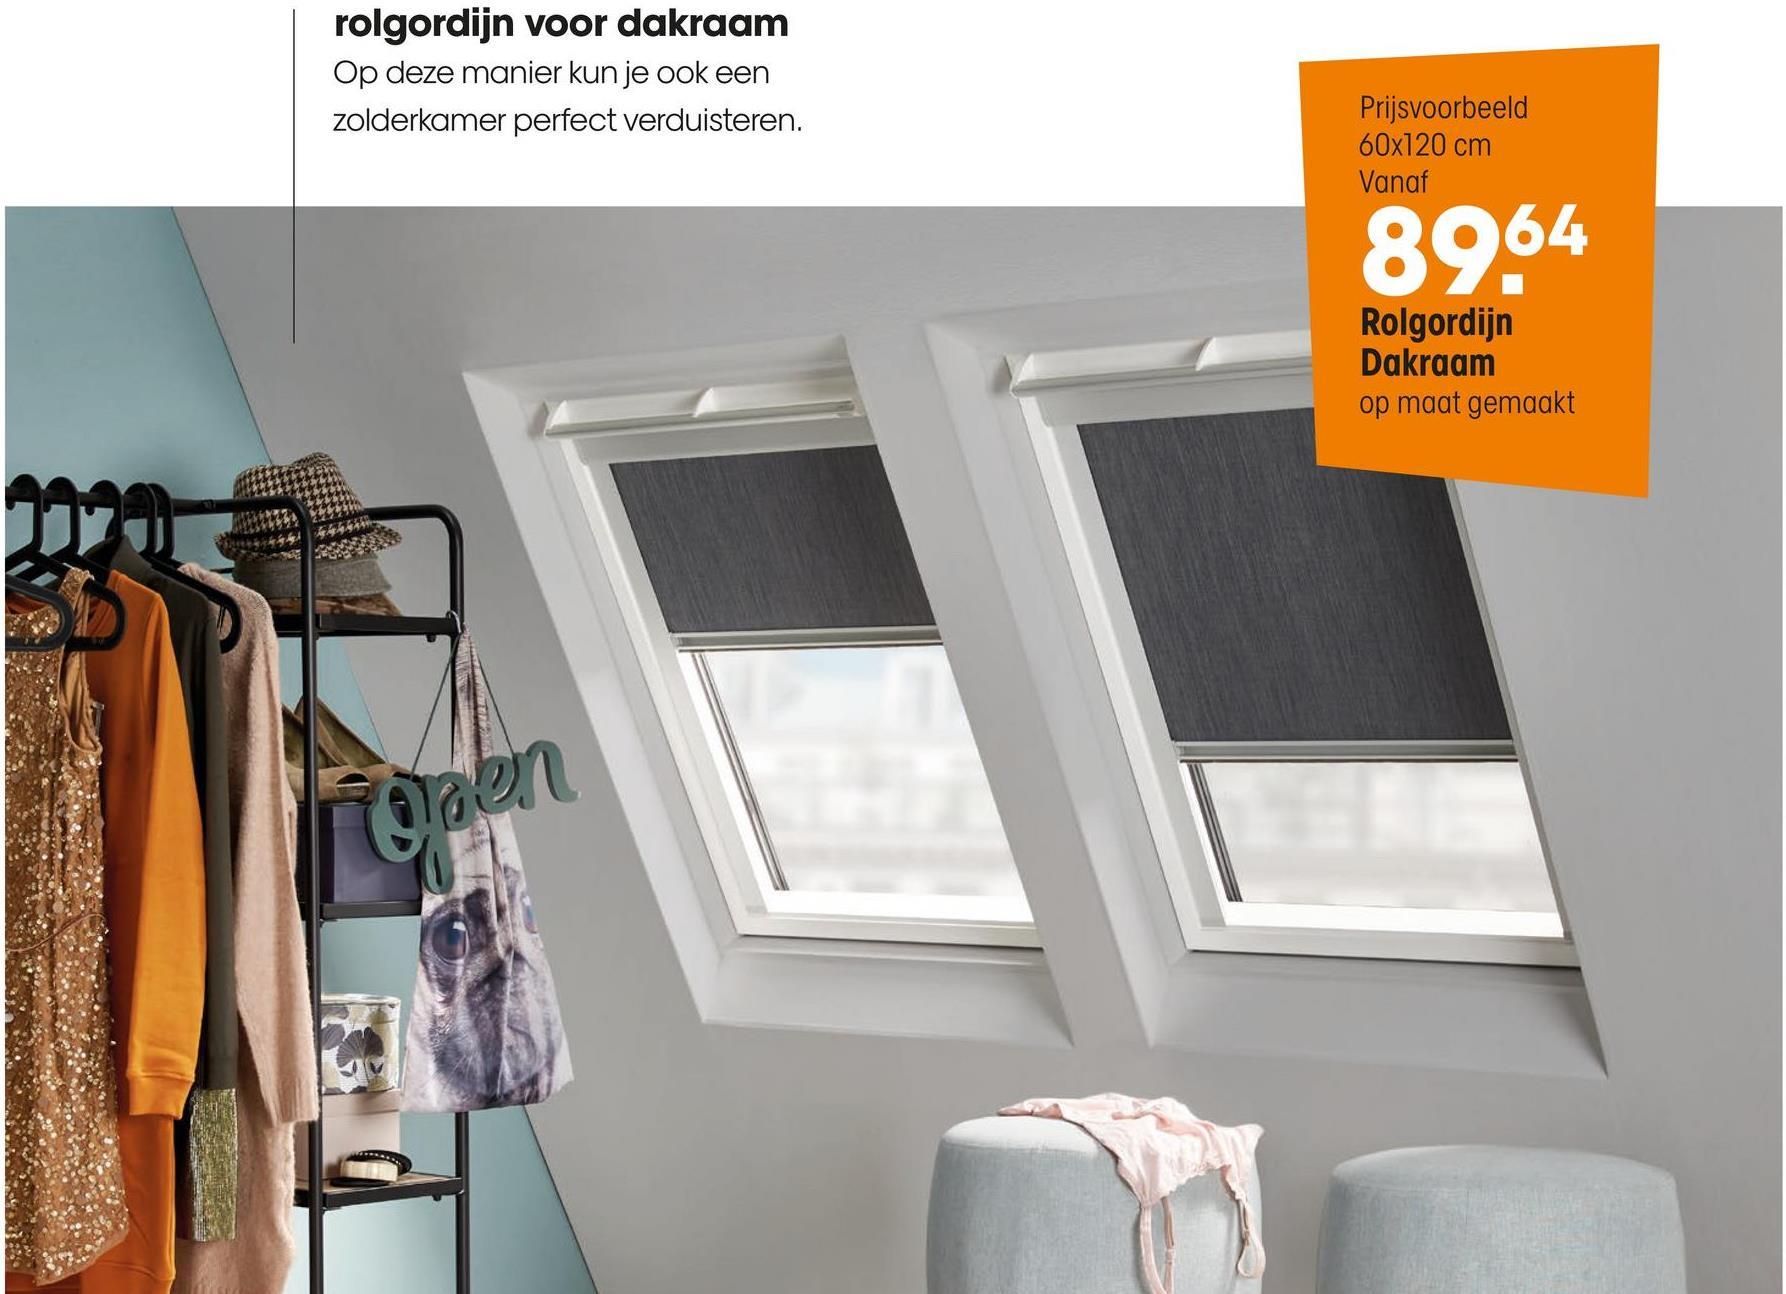 rolgordijn voor dakraam Op deze manier kun je ook een zolderkamer perfect verduisteren. Prijsvoorbeeld 60x120 cm Vanaf 2064 Rolgordijn Dakraam op maat gemaakt